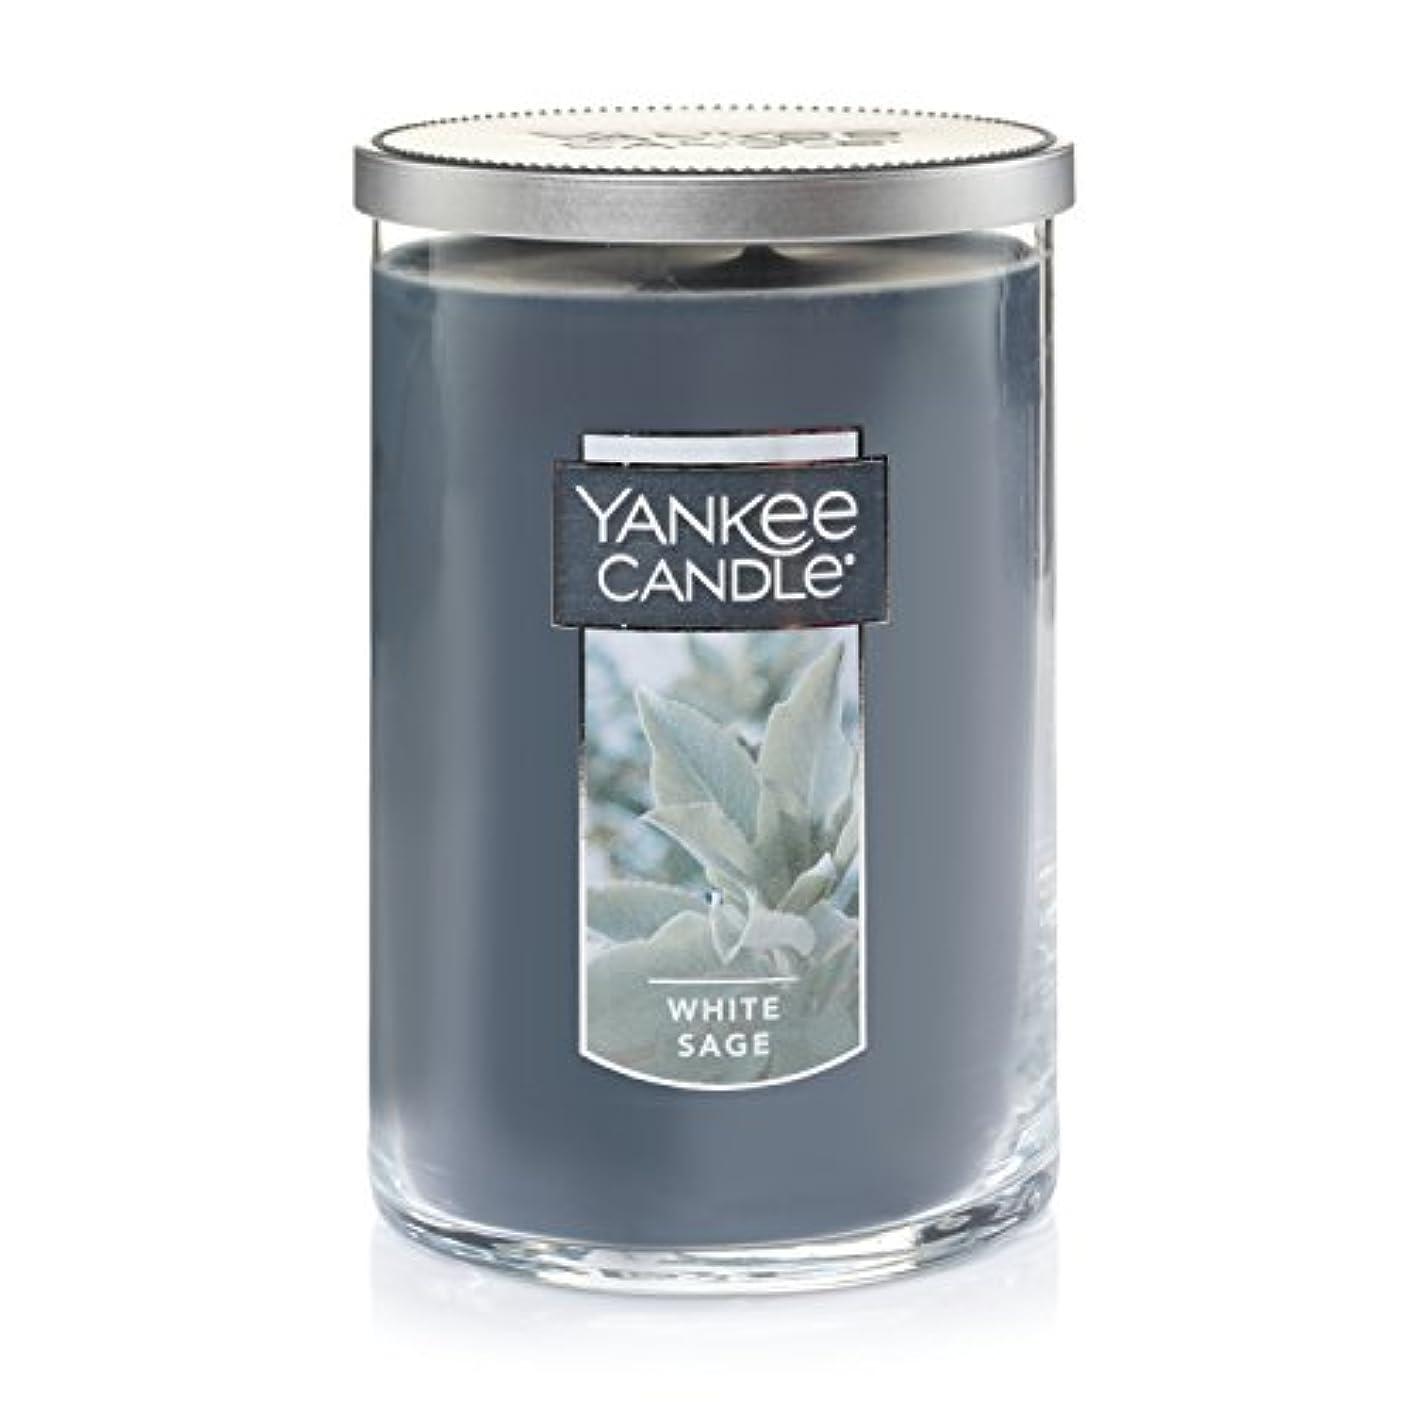 制裁フォルダ練習したYankee Candleホワイトセージ Large 2-Wick Tumbler Candles 1556031-YC